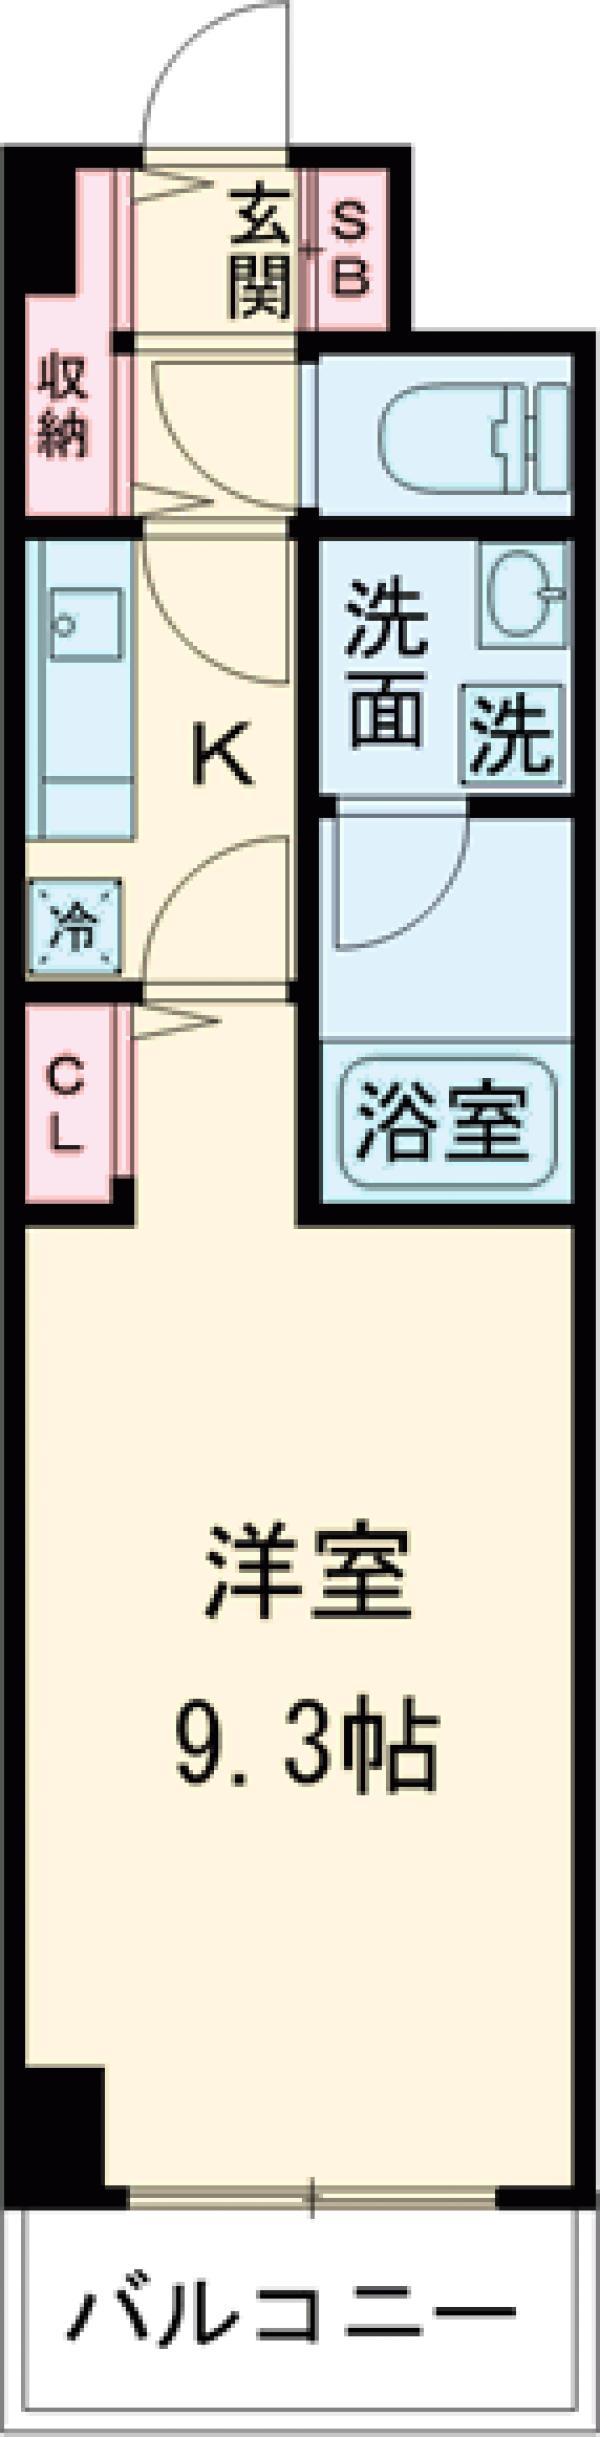 ハイヤーム桜台・202号室の間取り